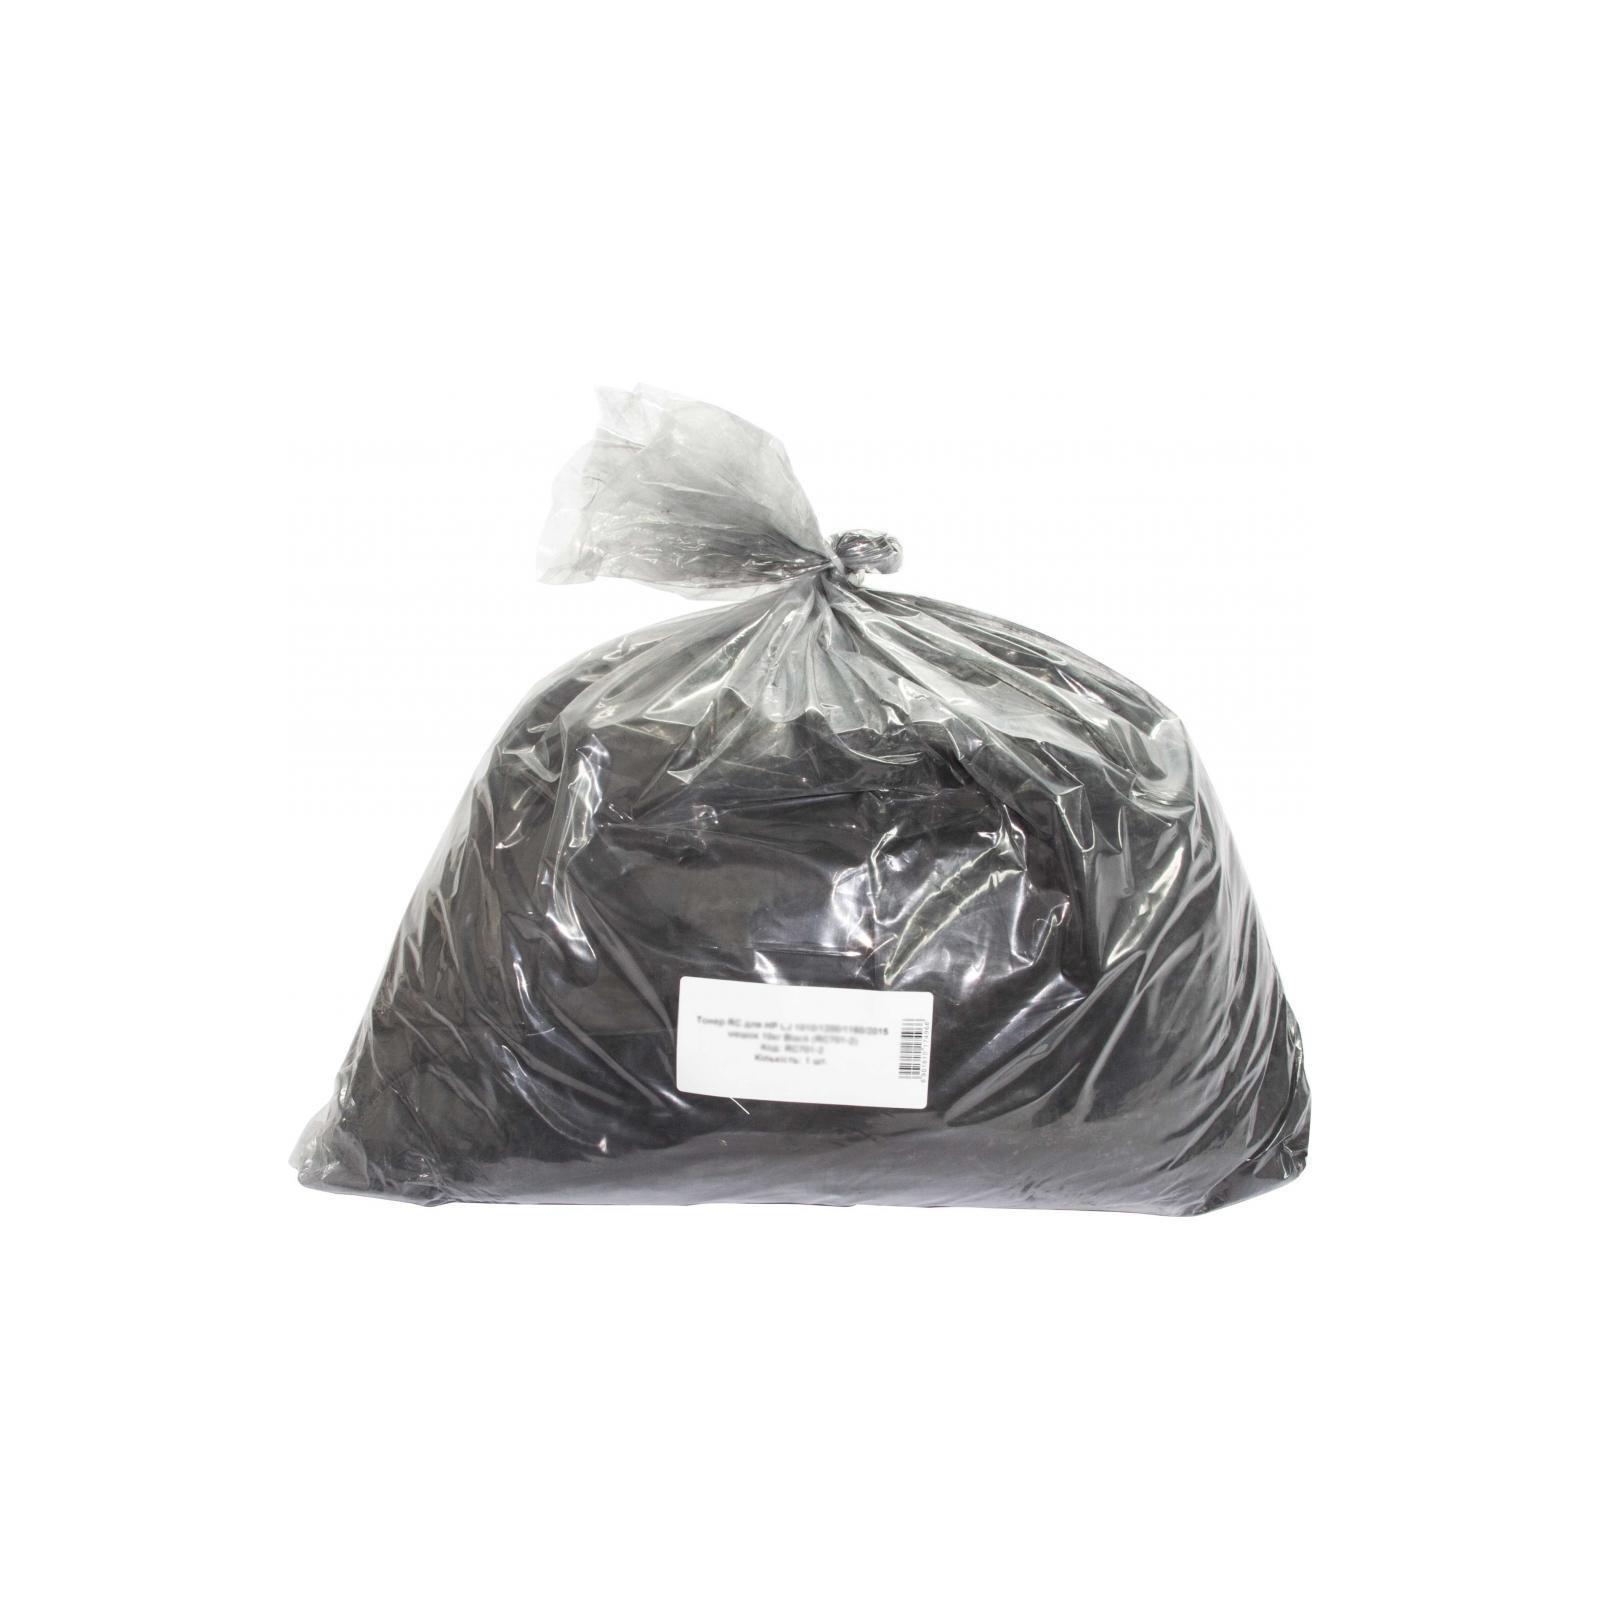 Тонер OKI C5100/C7300/C9300 10 кг BLACK Imex (TSM-OML-10-B)